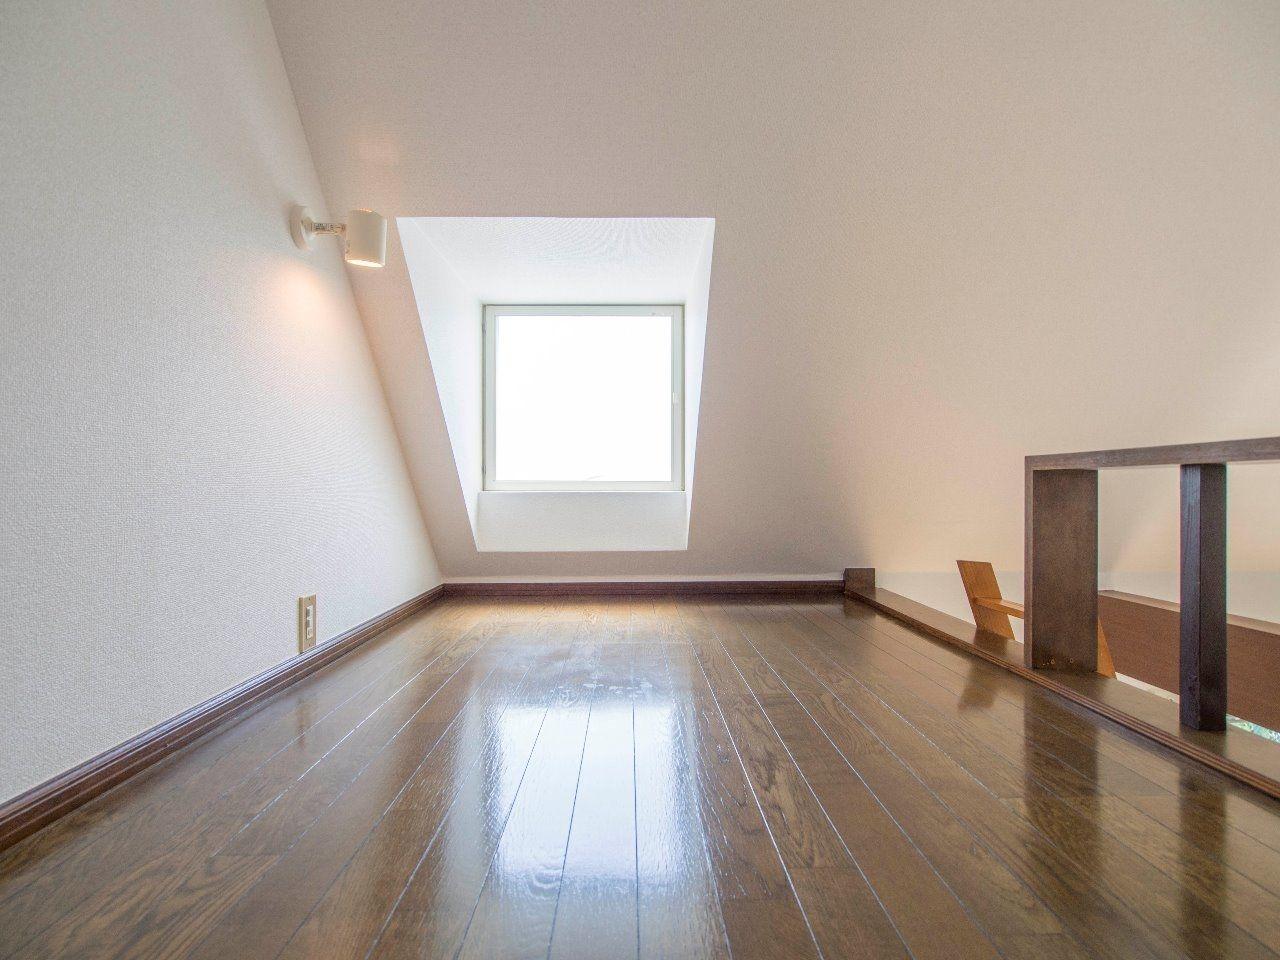 窓のあるロフトは天井も高く、立つことが可能